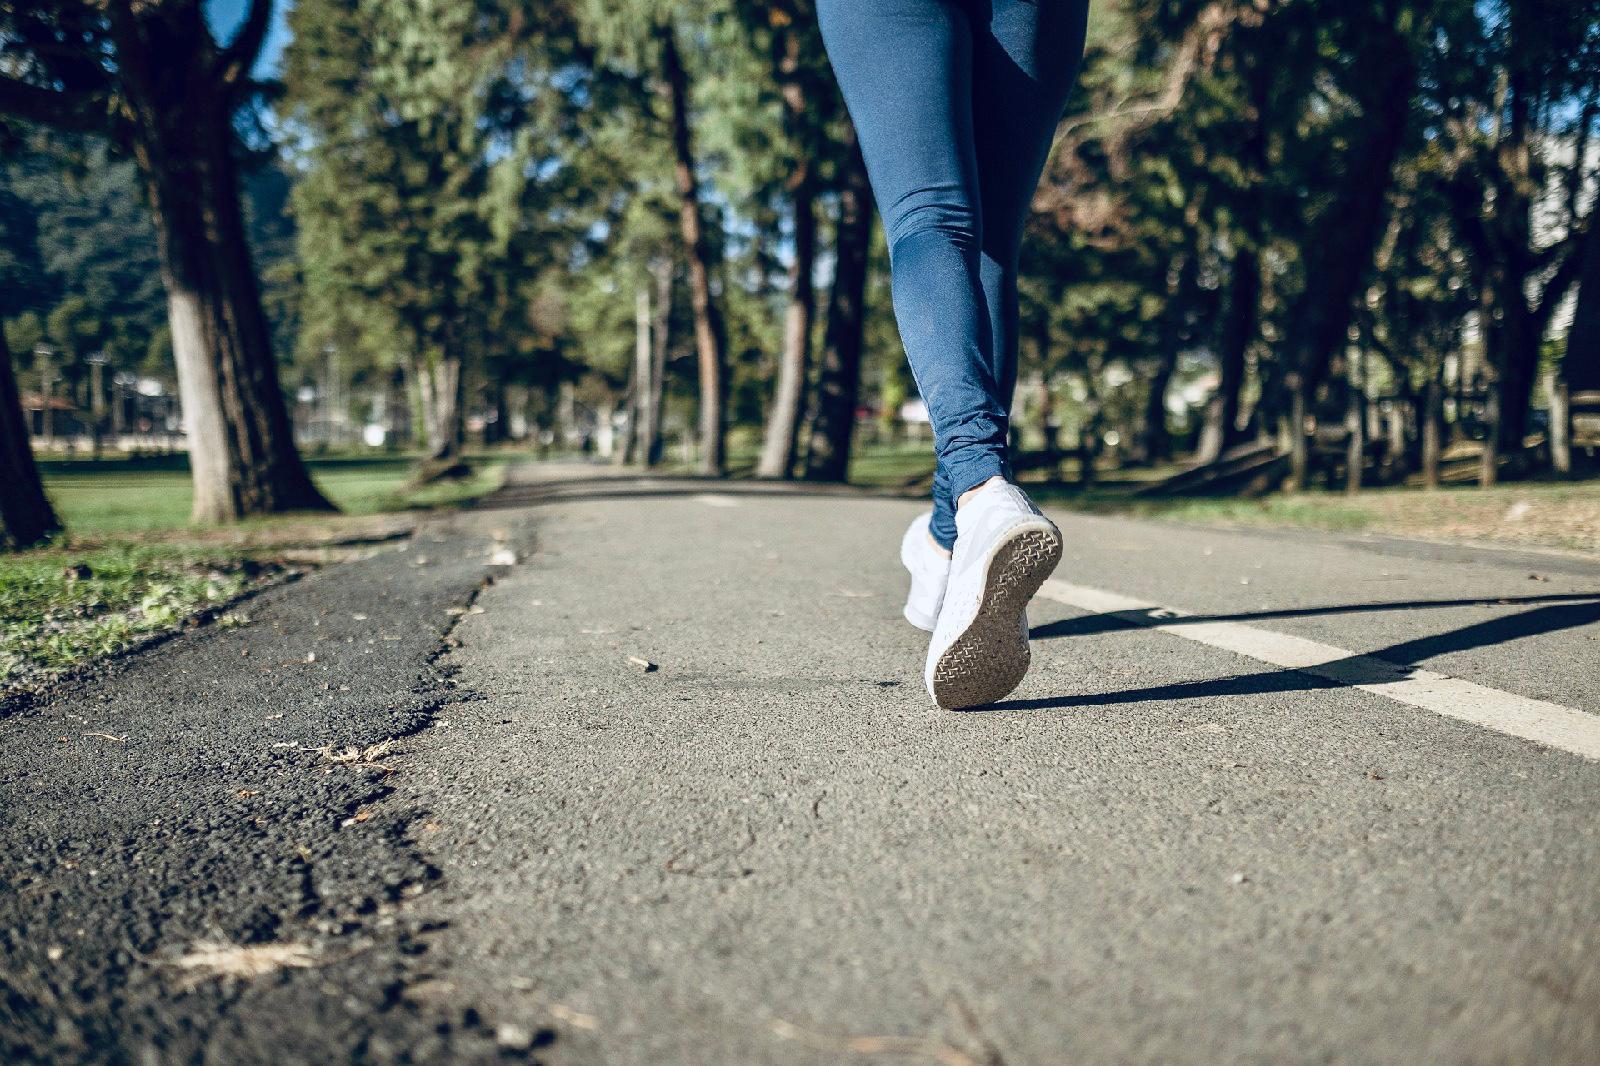 El BOE establece las nuevas condiciones para hacer deporte en la Fase 3